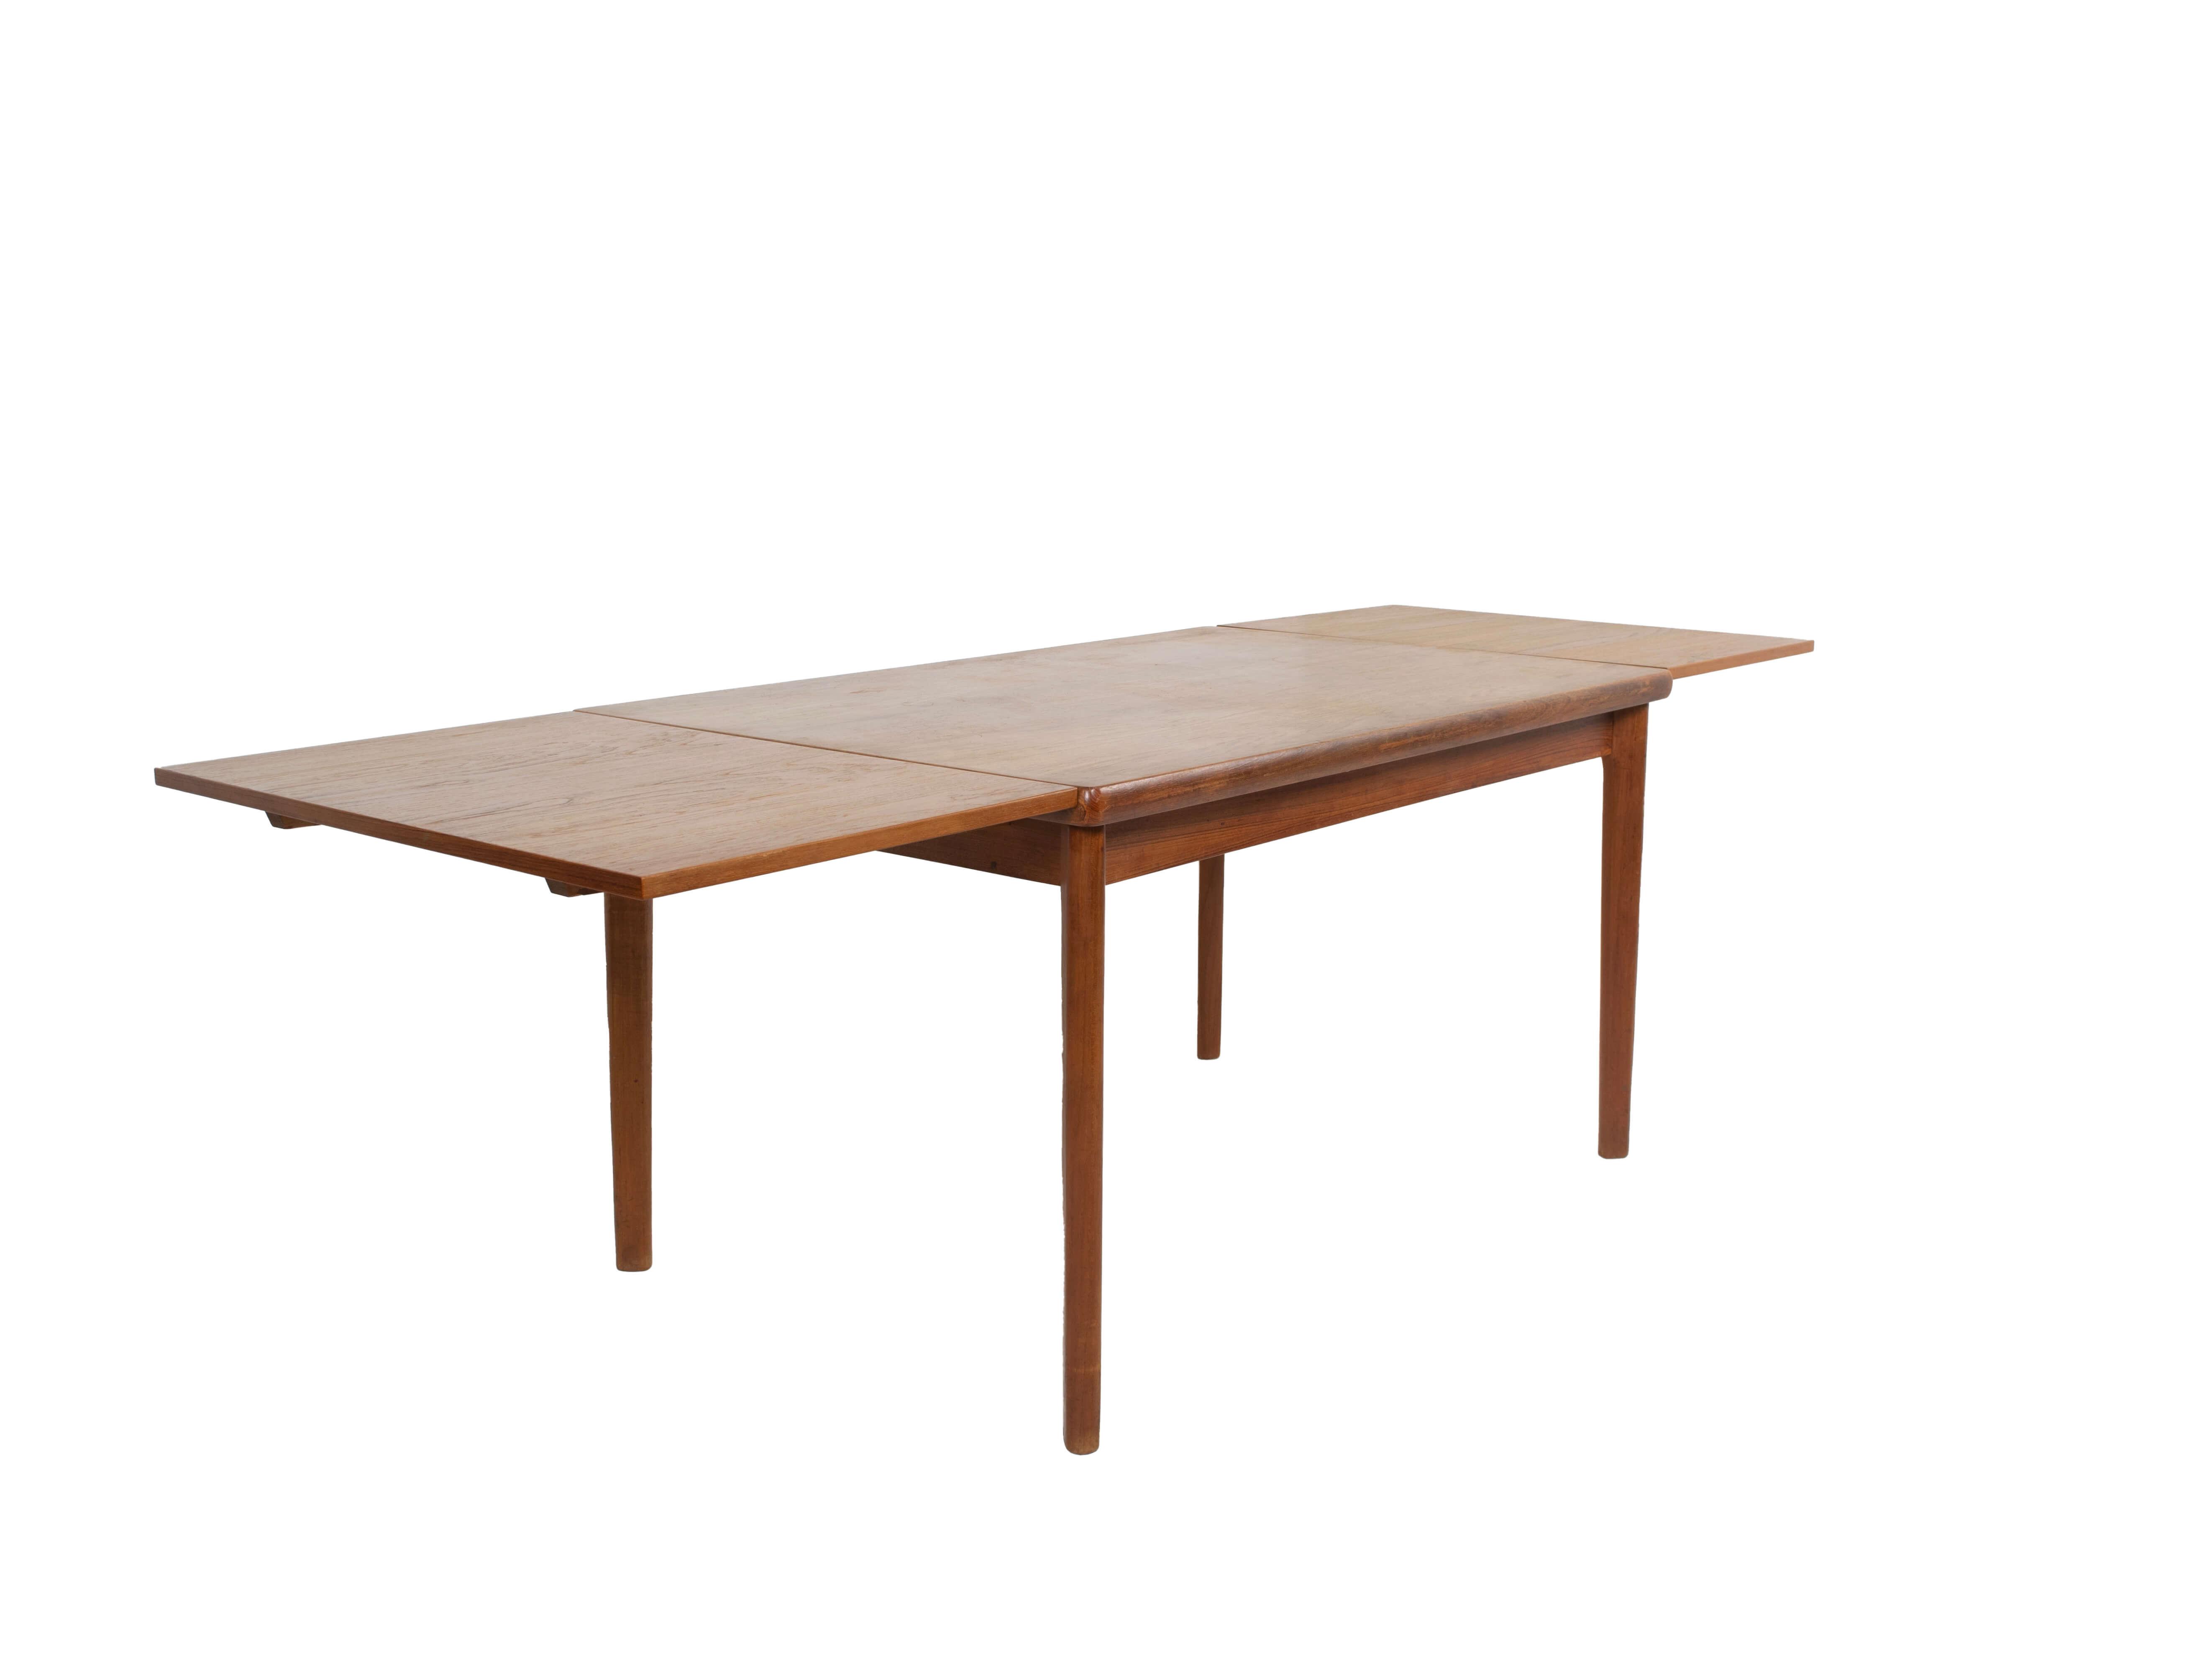 Extendable Extendable Teak Dining Table by Henning Kjaernulf, Denmark 1960s